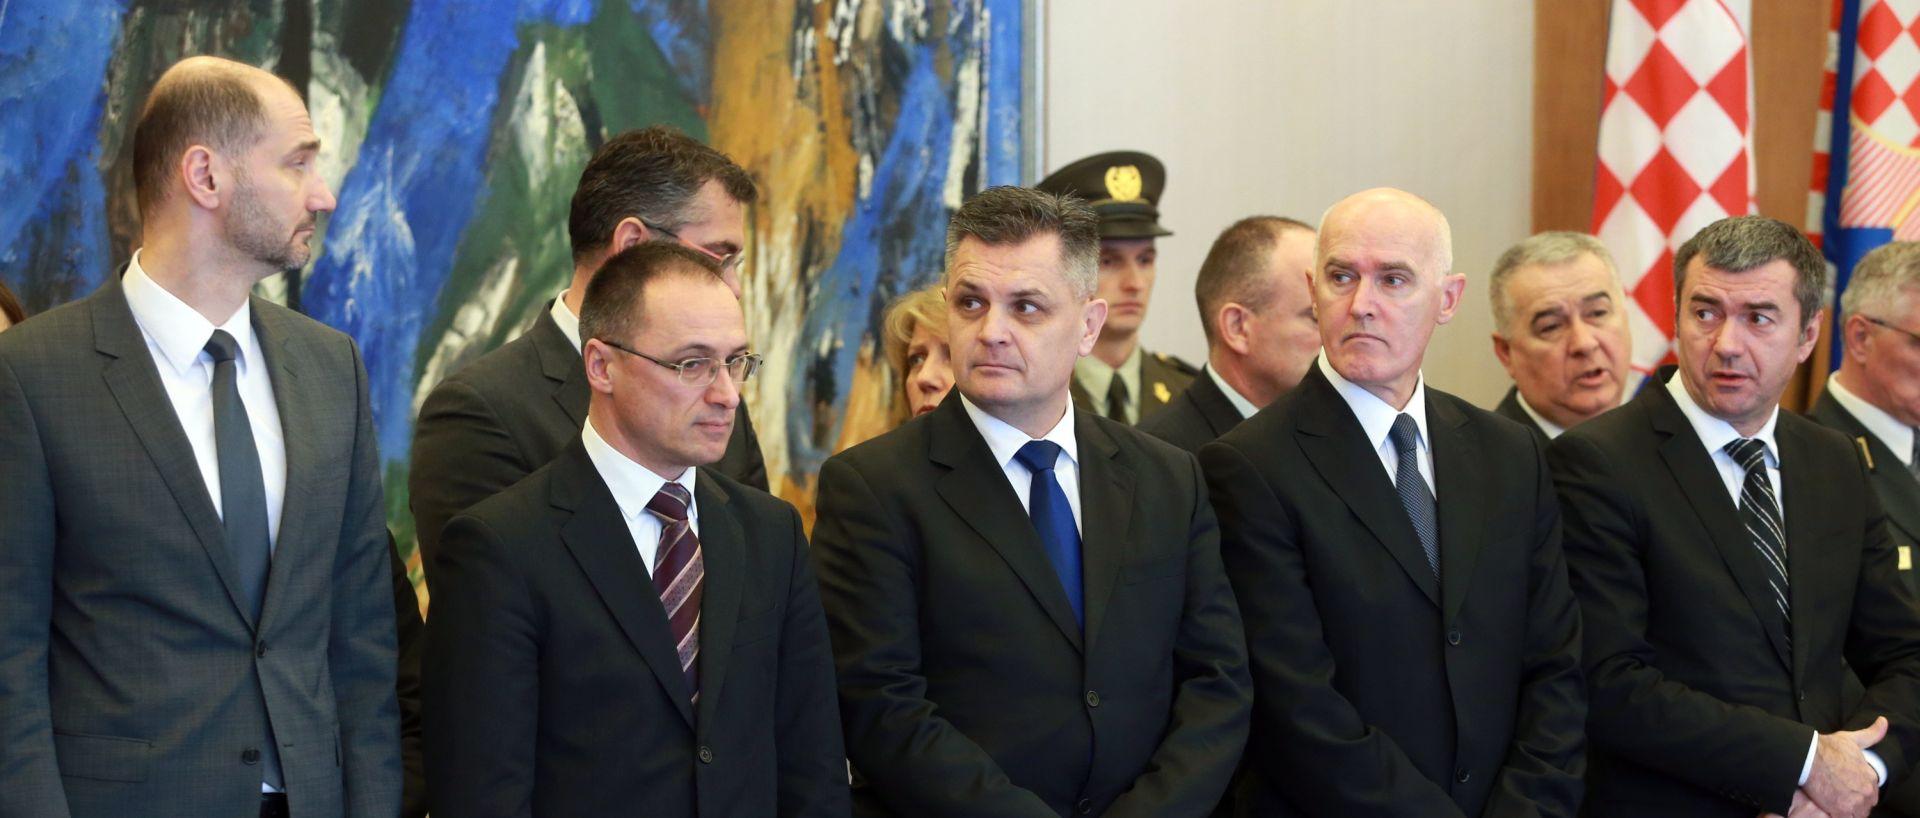 Izopćeni agenti USKOK-u prijavili nezakonitosti u SOA-i